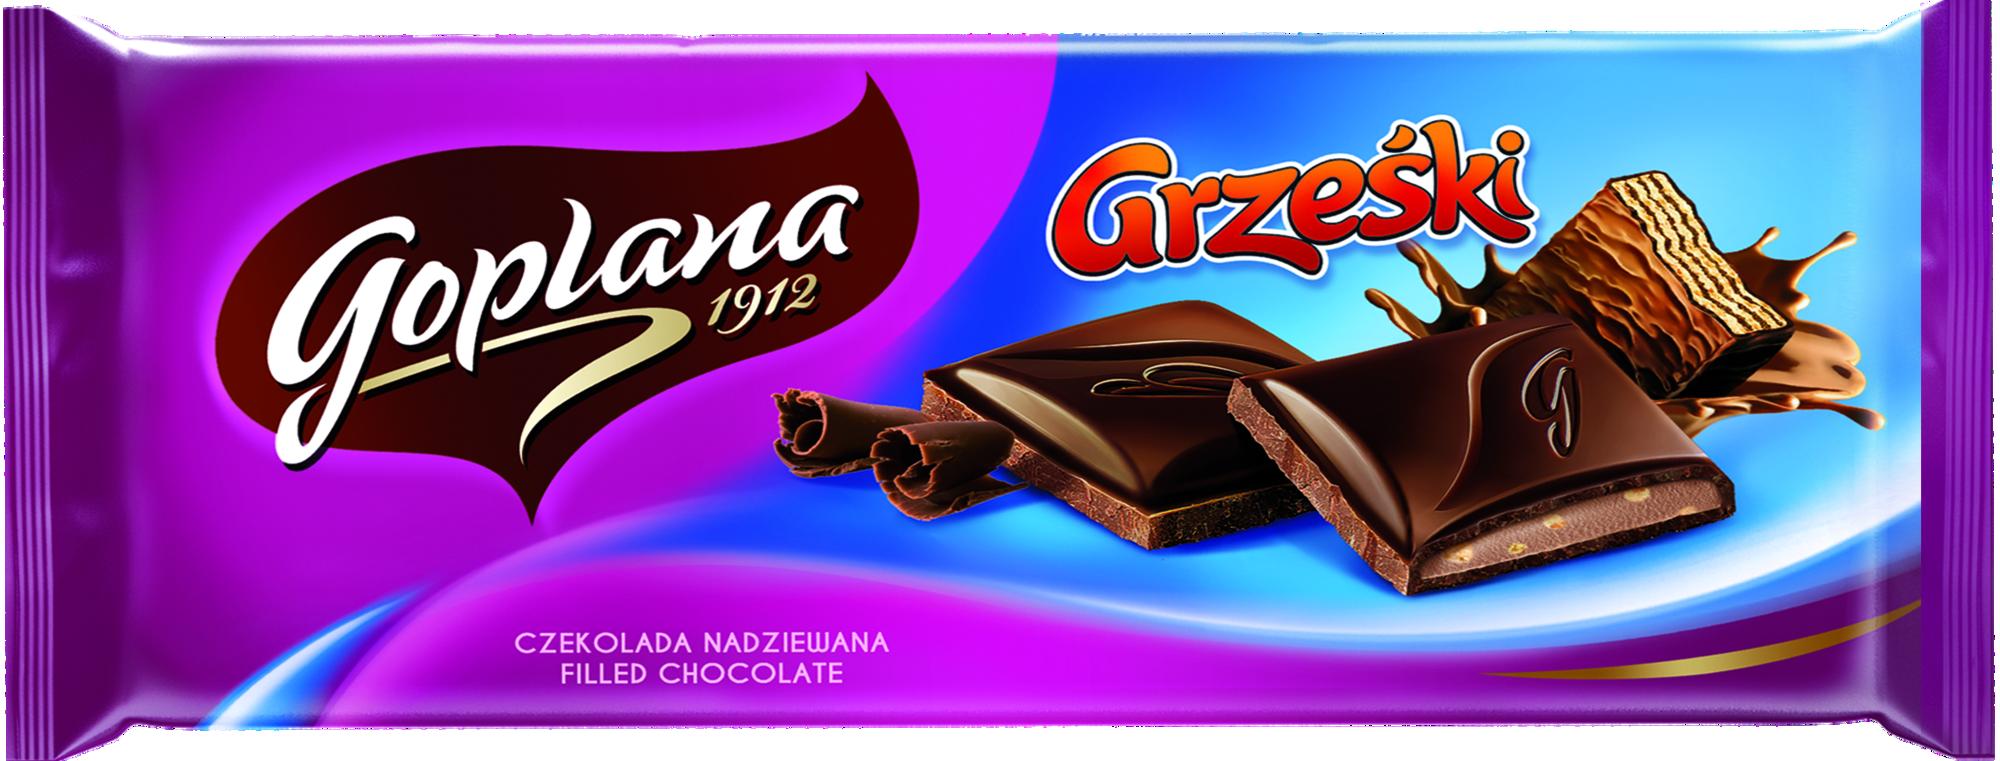 Nowości od Goplany – Grześki i Jeżyki zamknięte w tabliczce czekolady